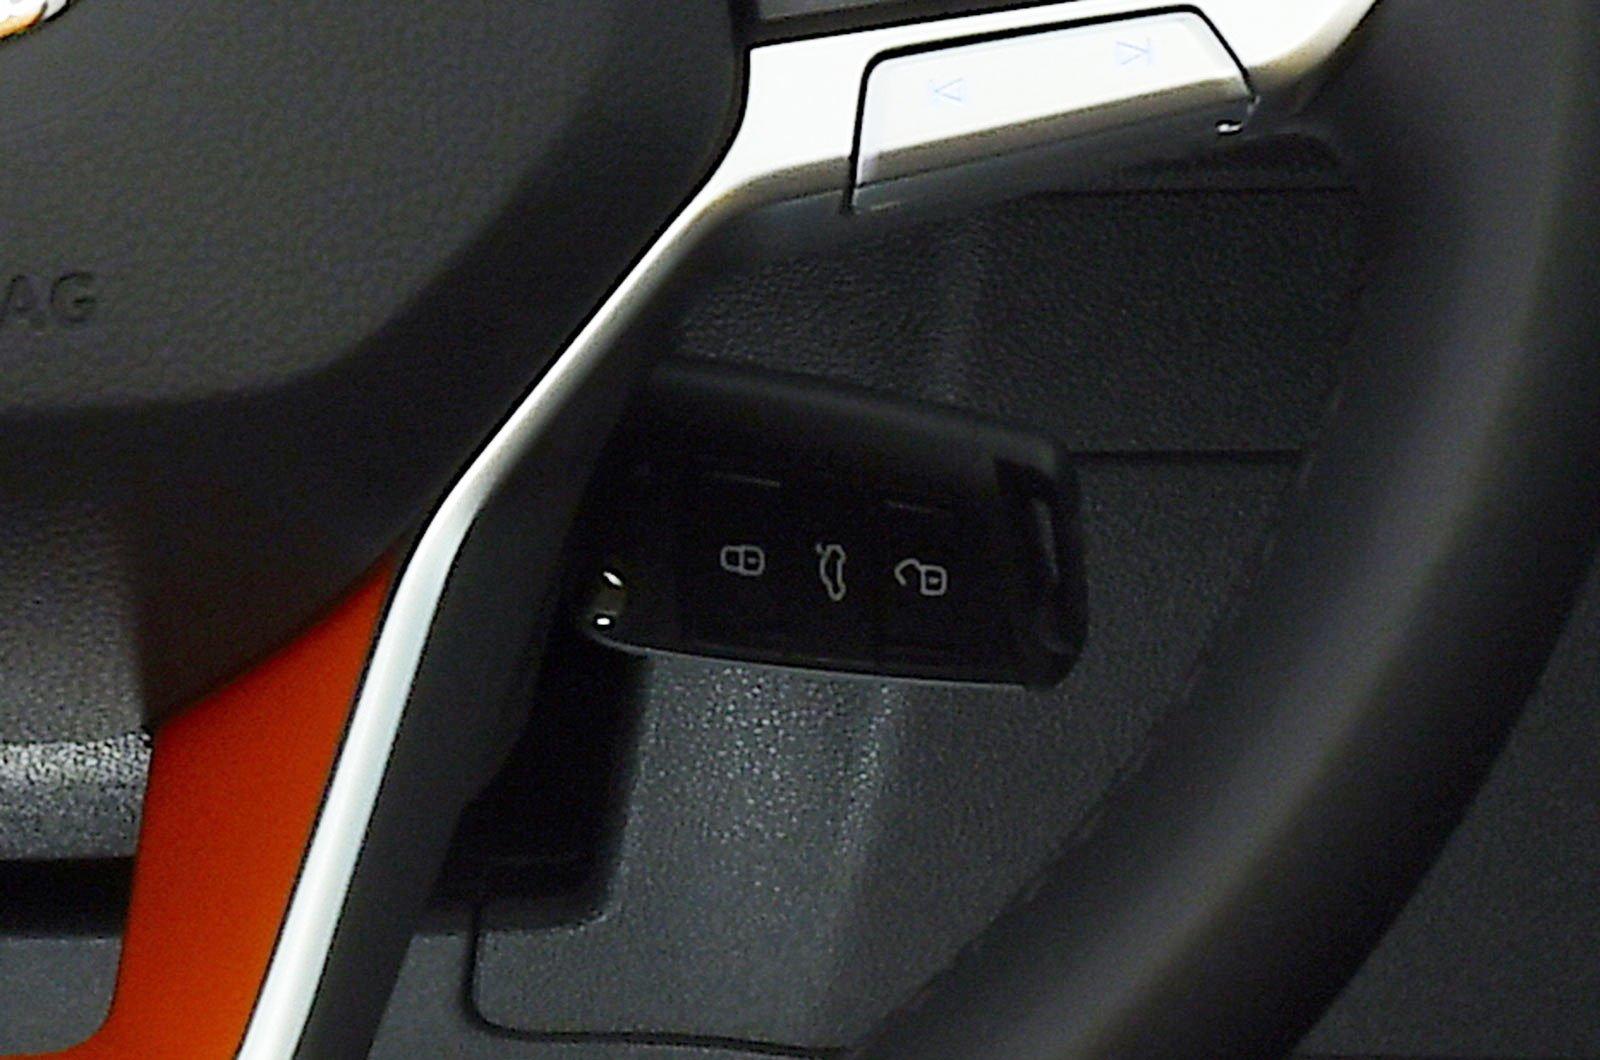 Volkswagen T-Cross key